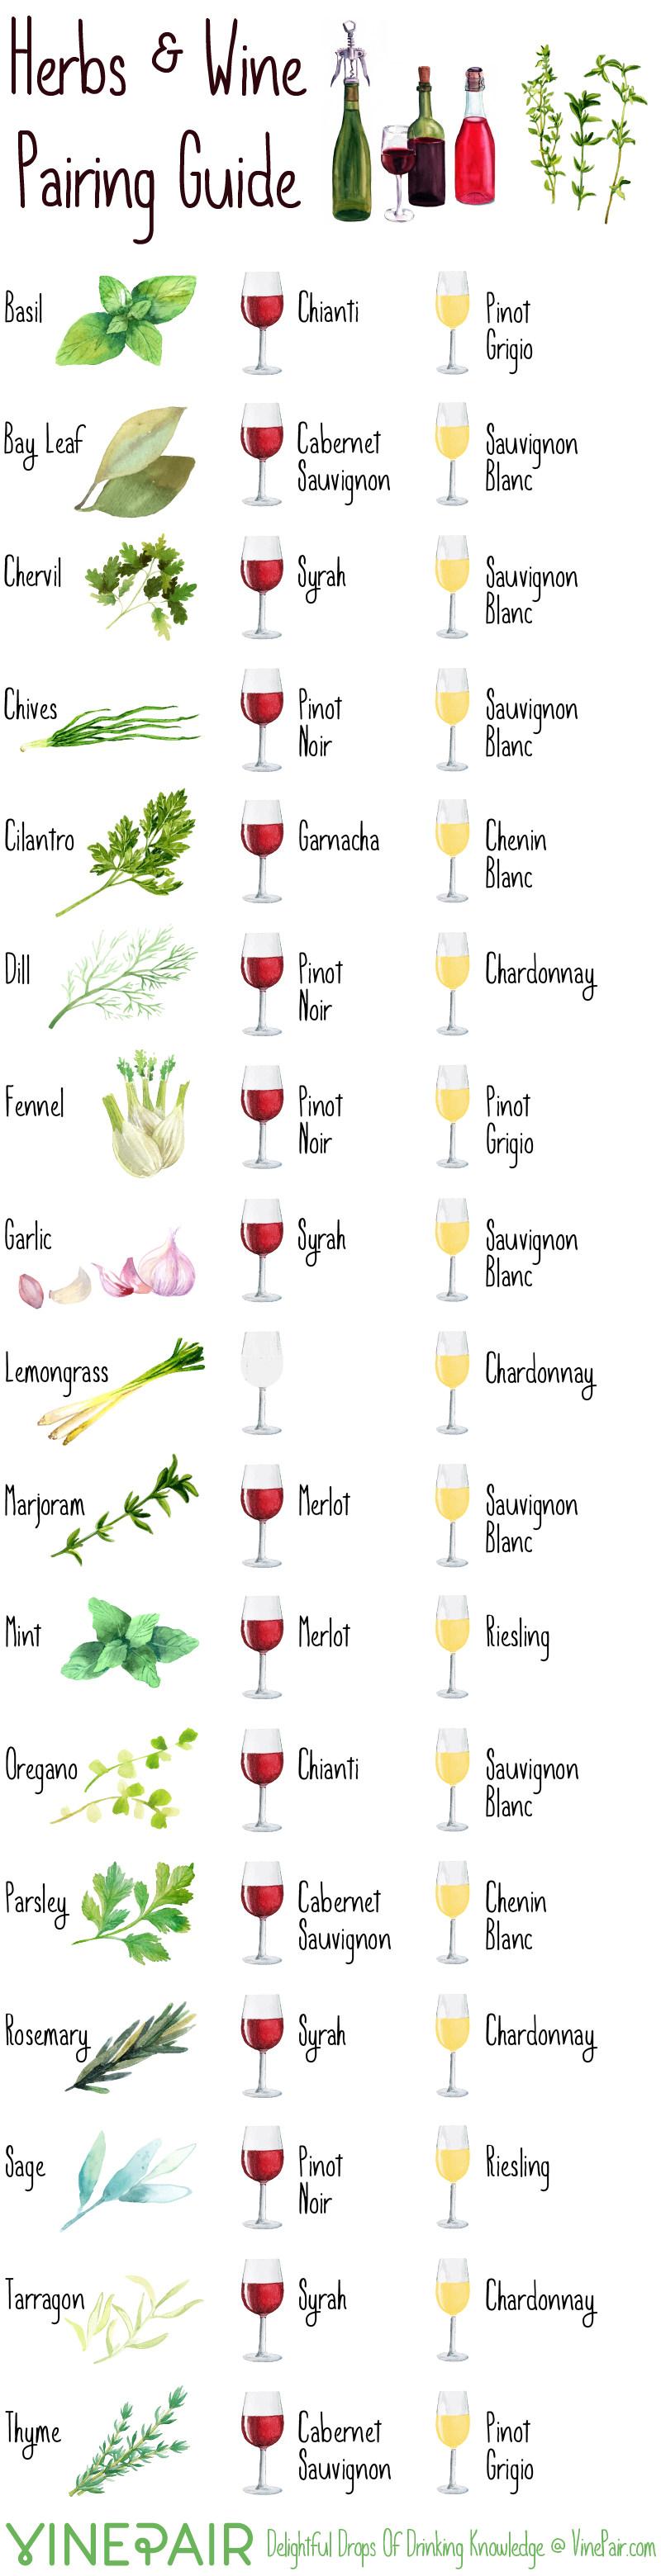 Herbs & Wine Pairing Guide